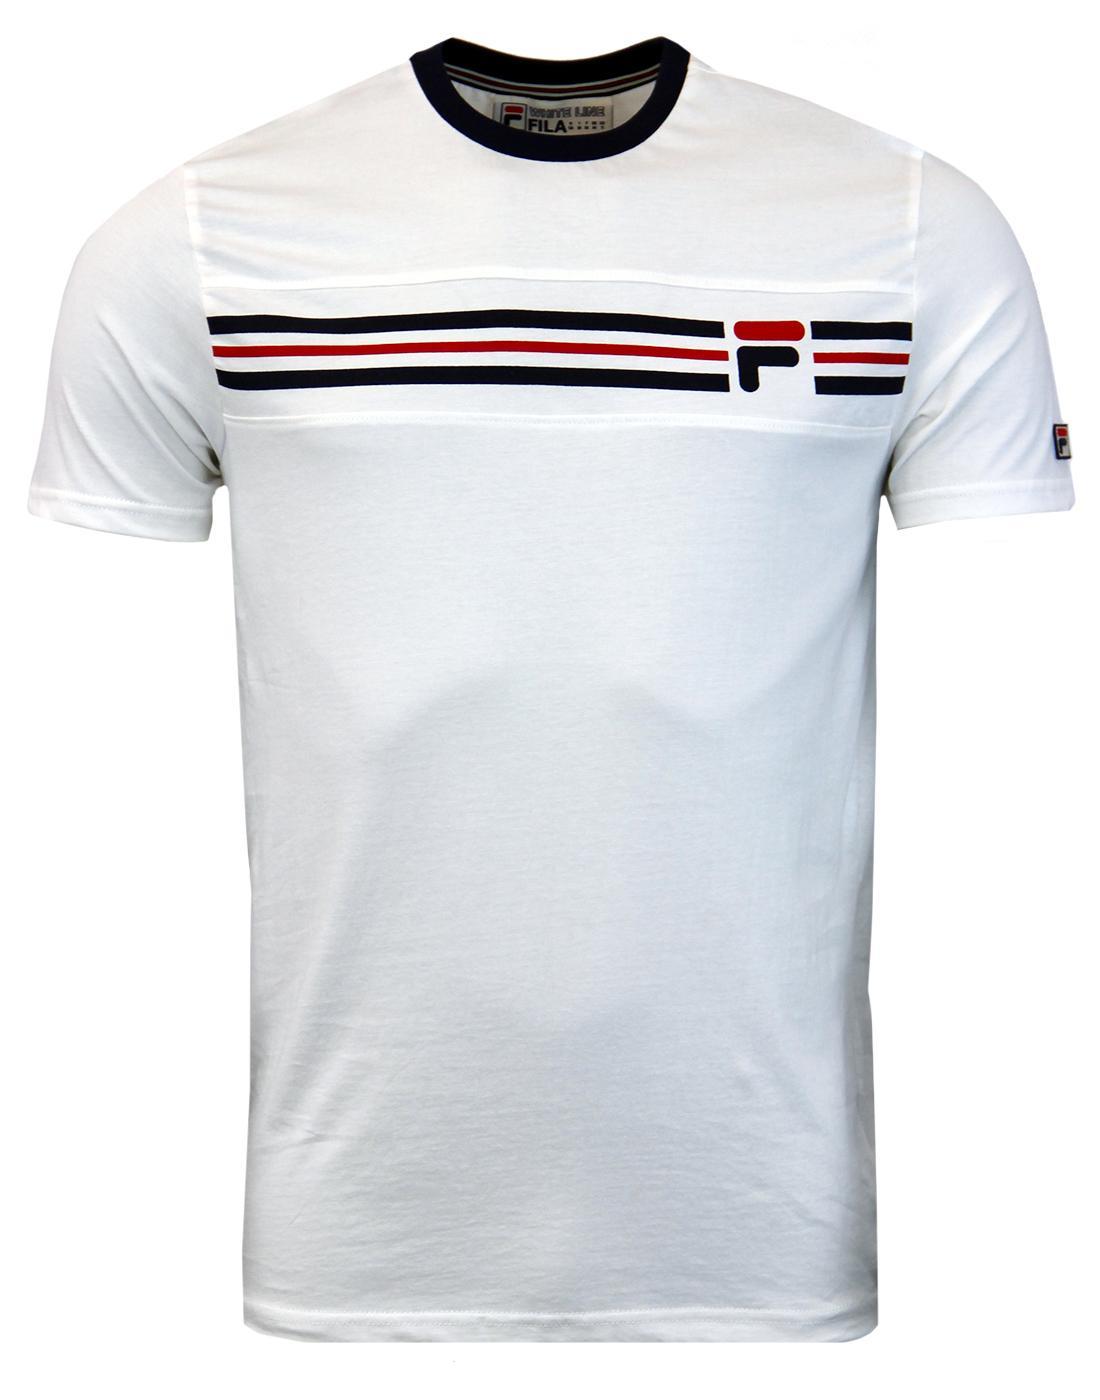 Vandorno FILA VINTAGE Retro 70s T-Shirt - Gardenia